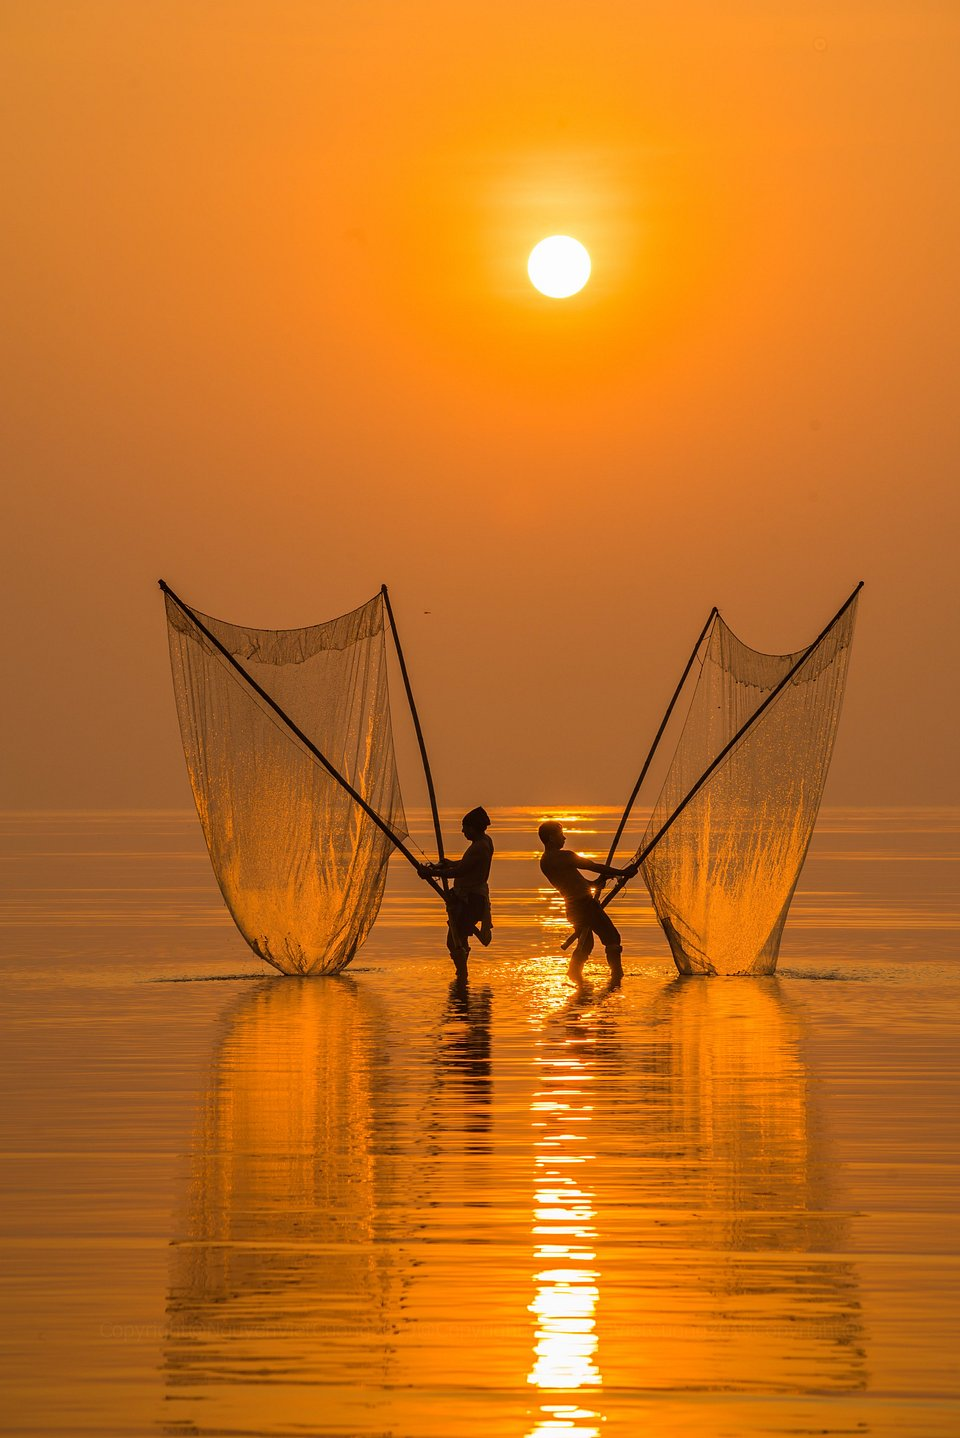 Location: Quang Lang Beach, Diem Diem District, Vietnam